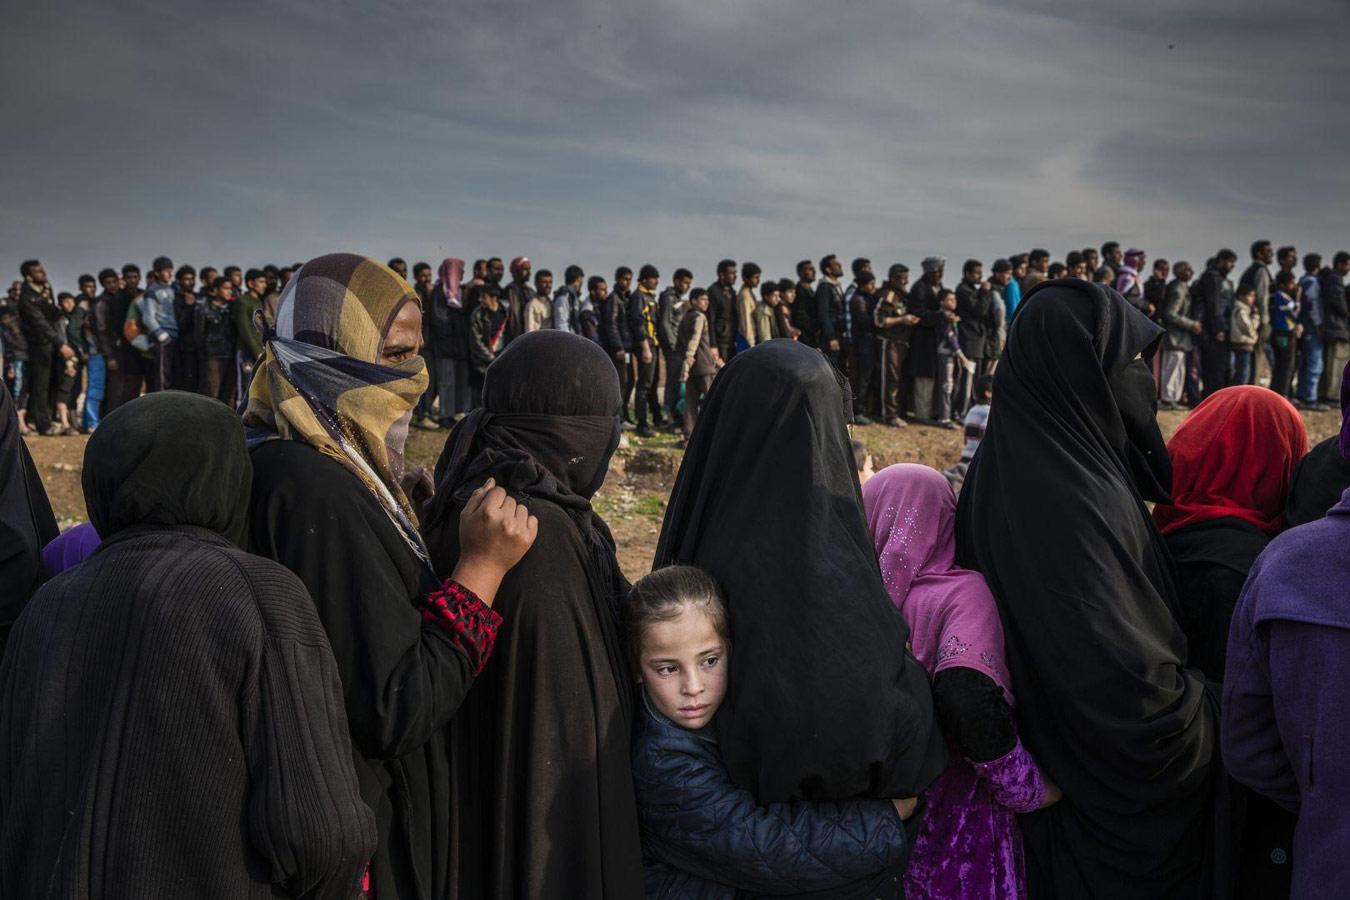 Ивор Прикетт / Ivor Prickett, Фотоконкурс World Press Photo 2018